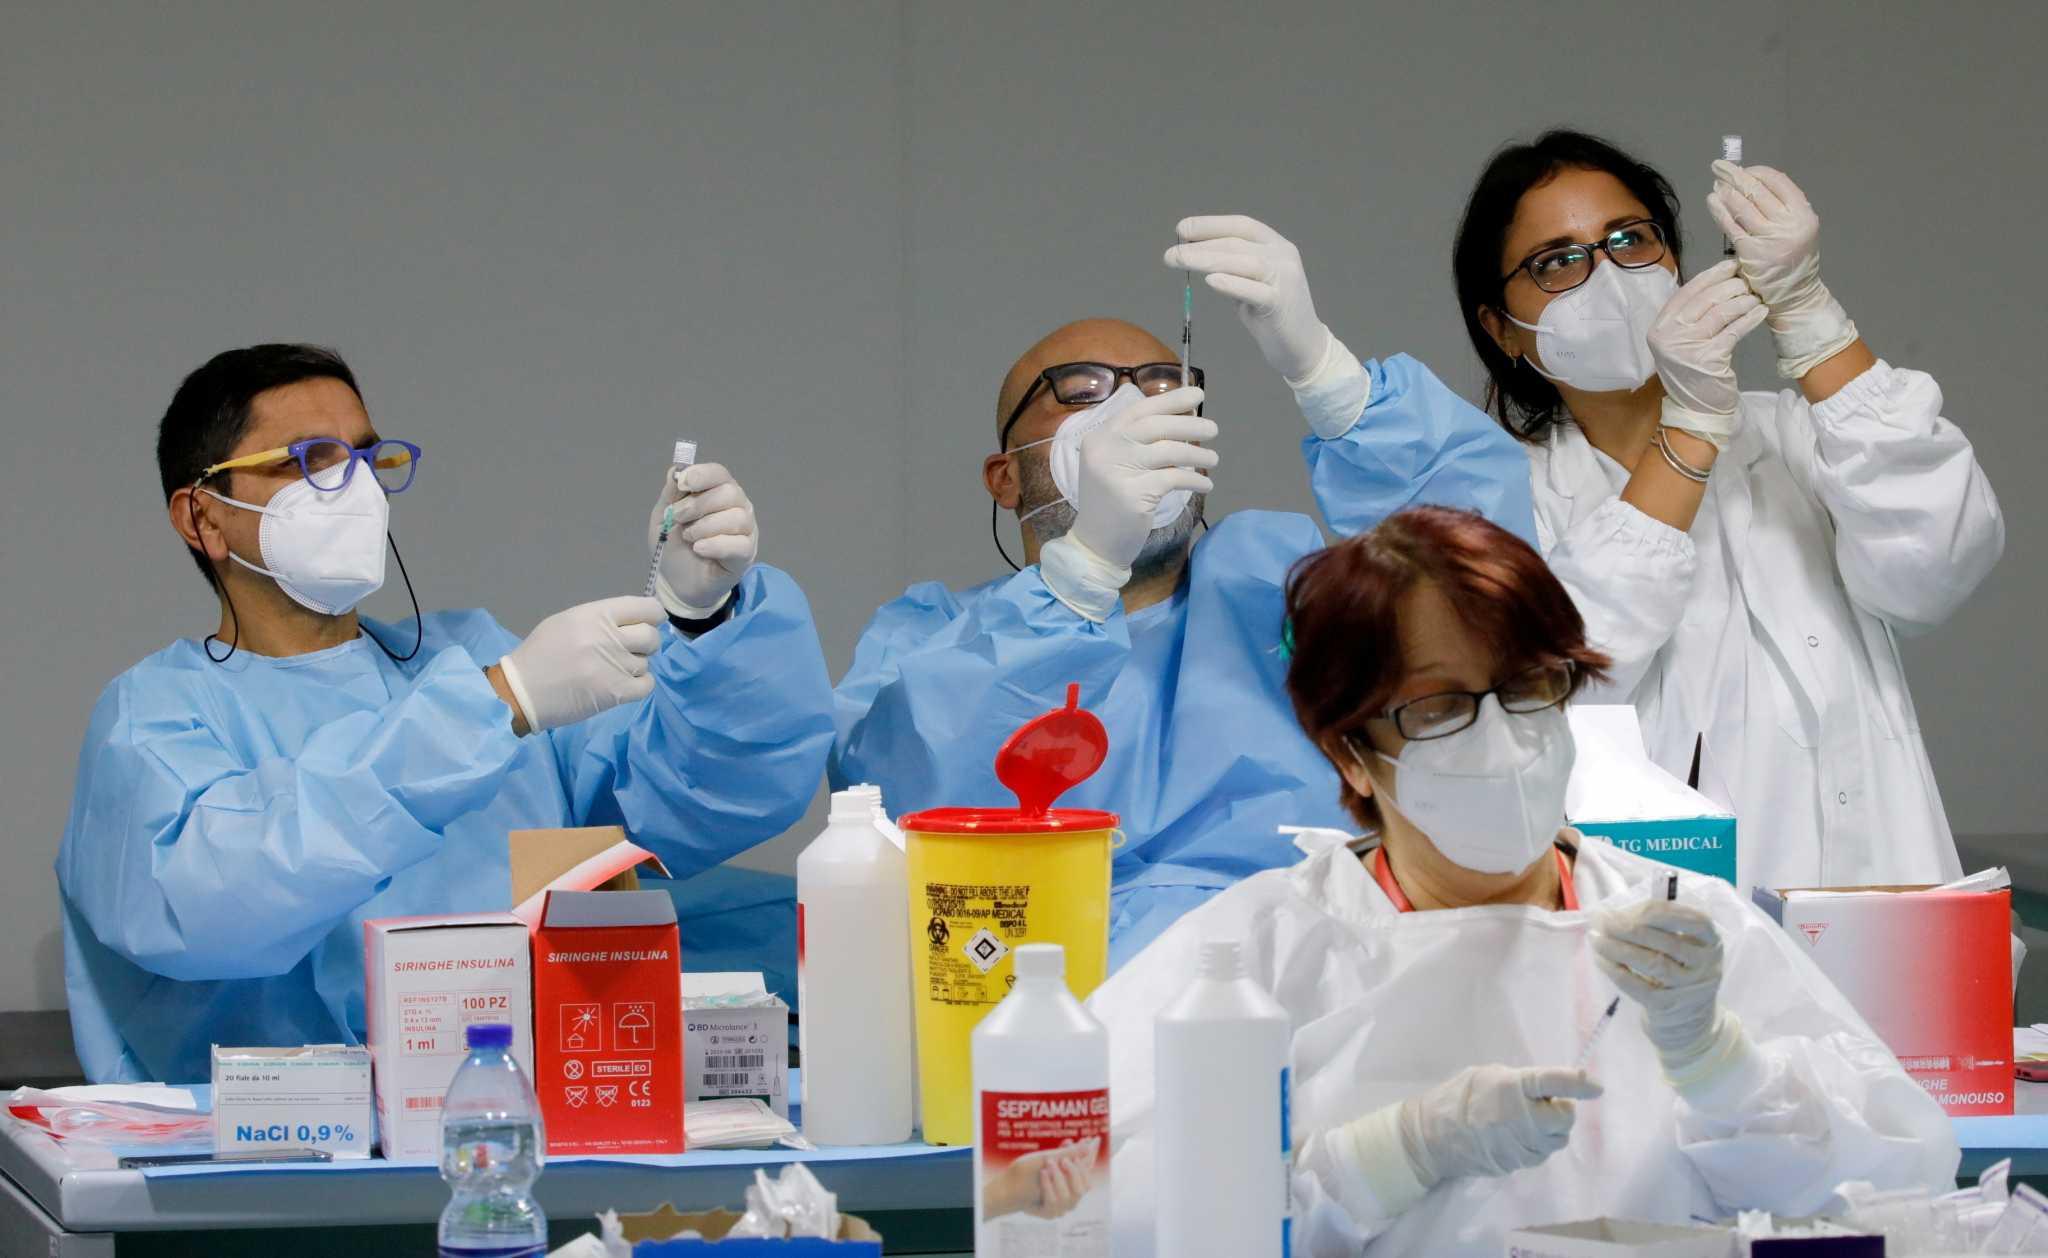 Σάμος: Αναβλήθηκαν για 4 ημέρες οι εμβολιασμοί! Δεν υπήρχε προθυμία